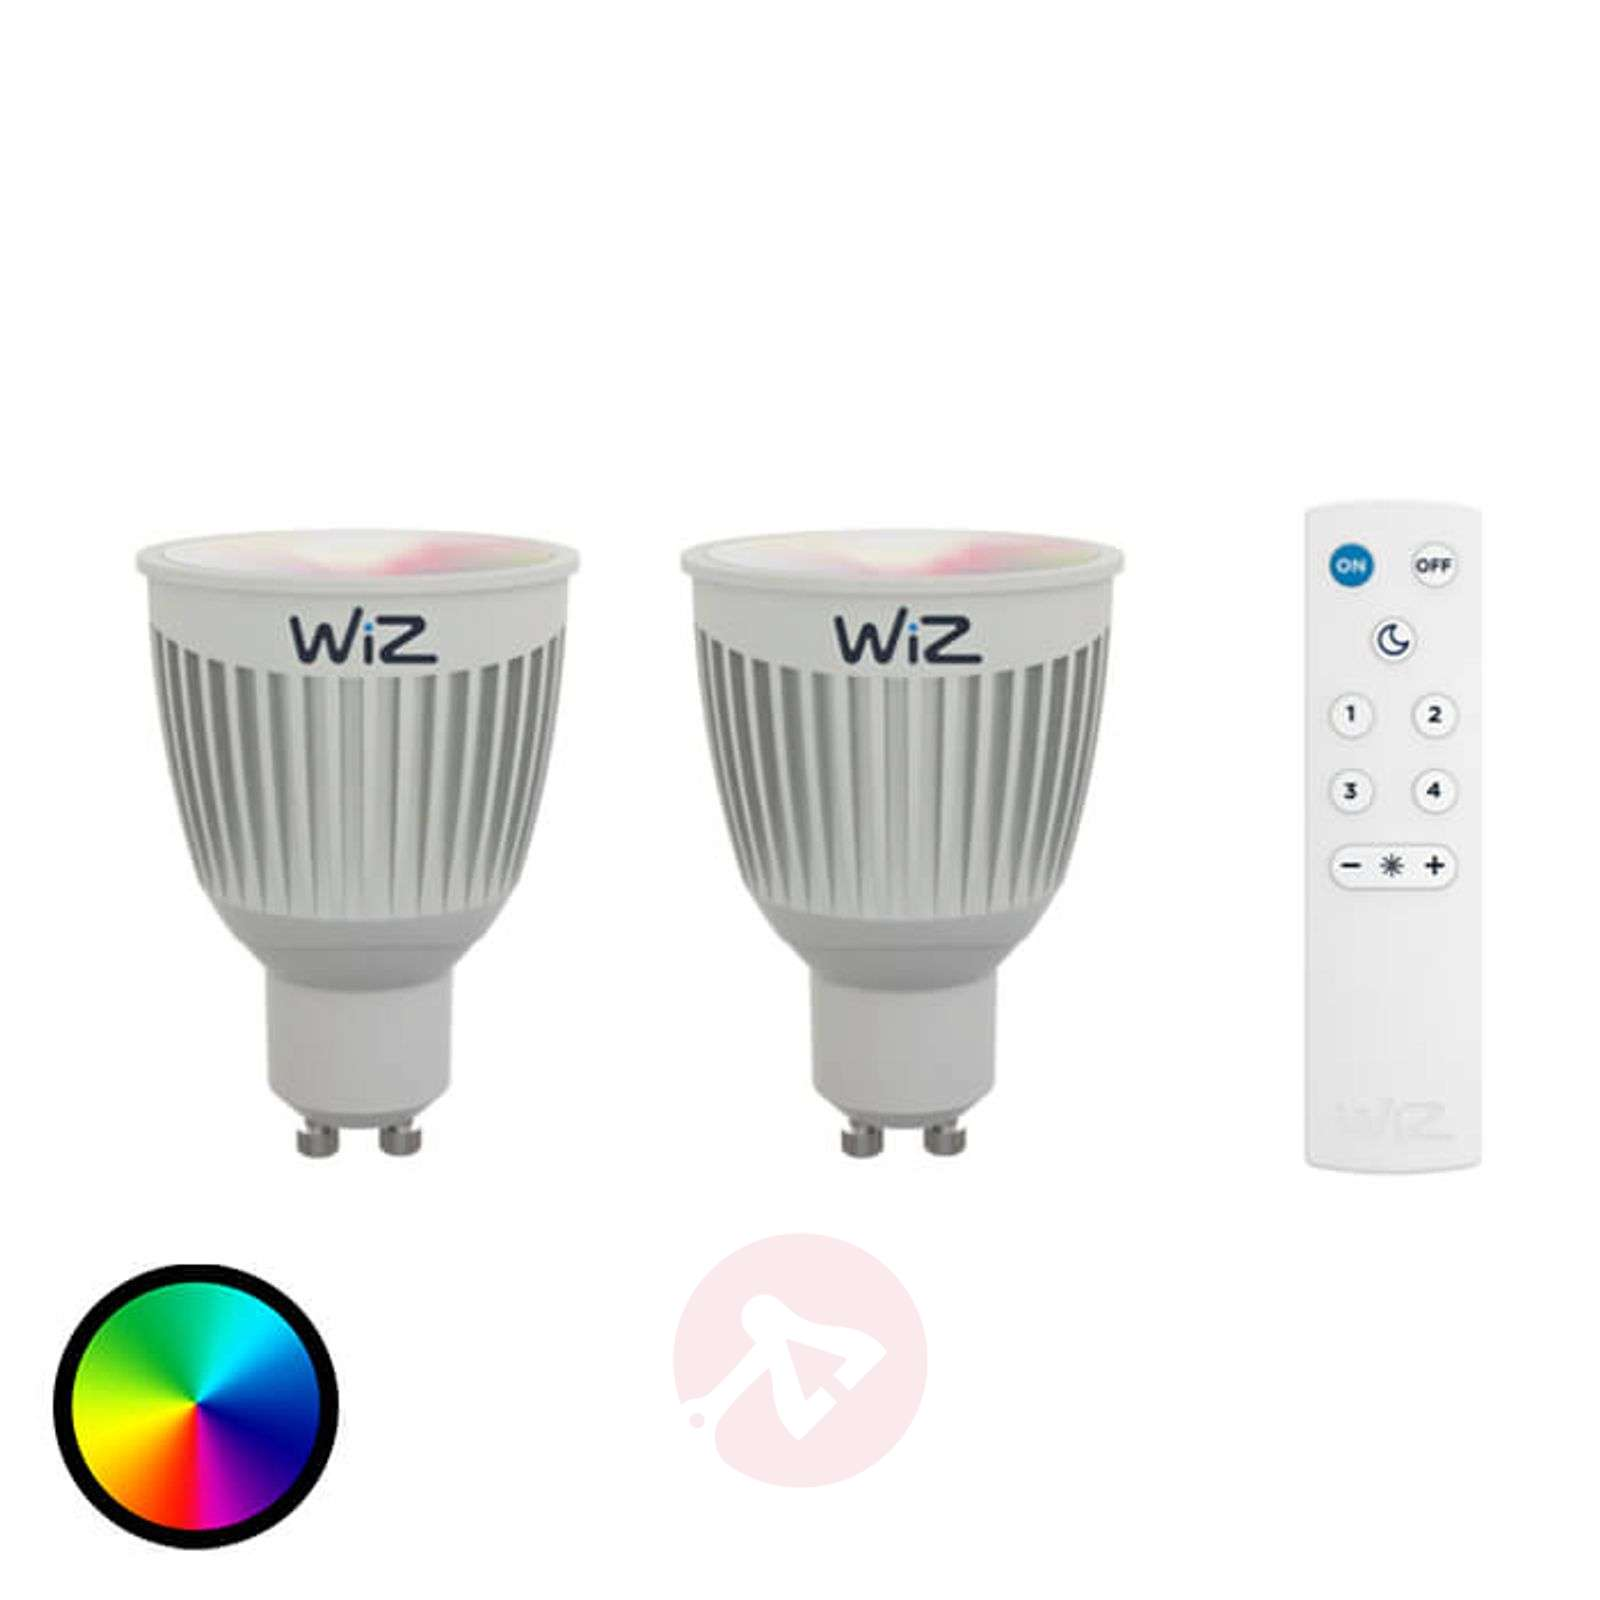 2 x LED-lamppu GU10 WiZ, kaukosäätö, RGB + valk.-9038078-01